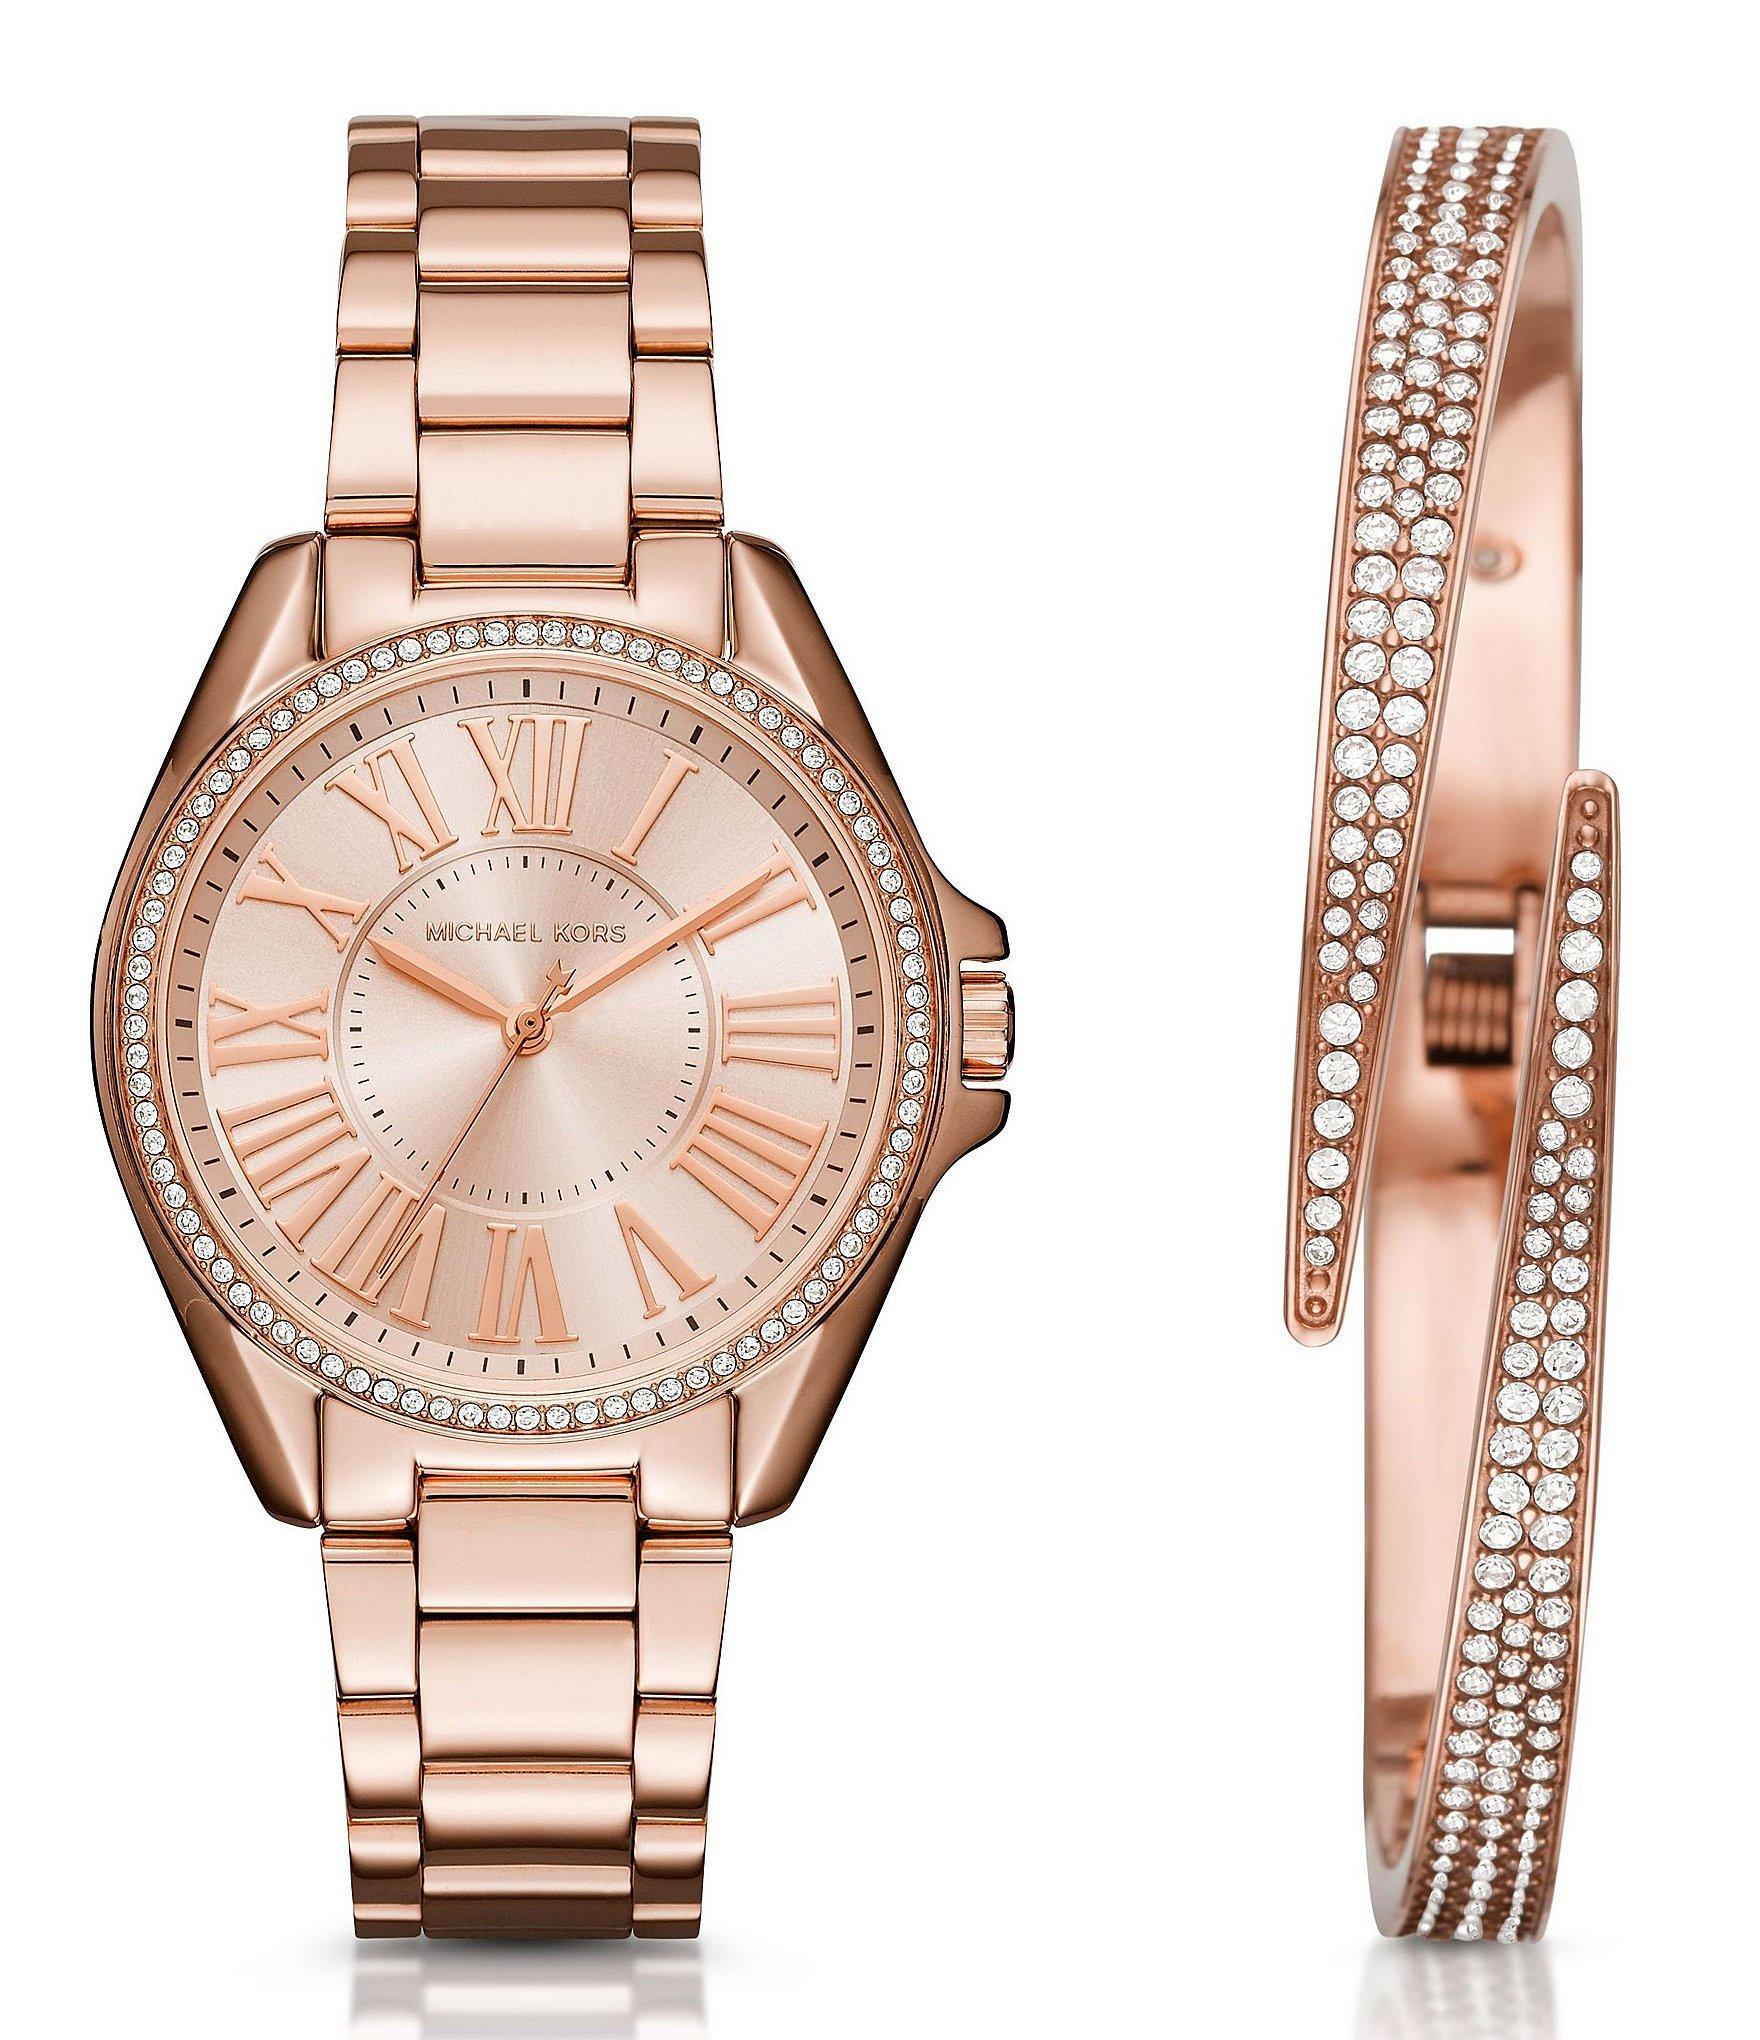 997d8070f774 Lyst - Michael Kors Kacie Analog Bracelet Watch   Pavé Bangle ...